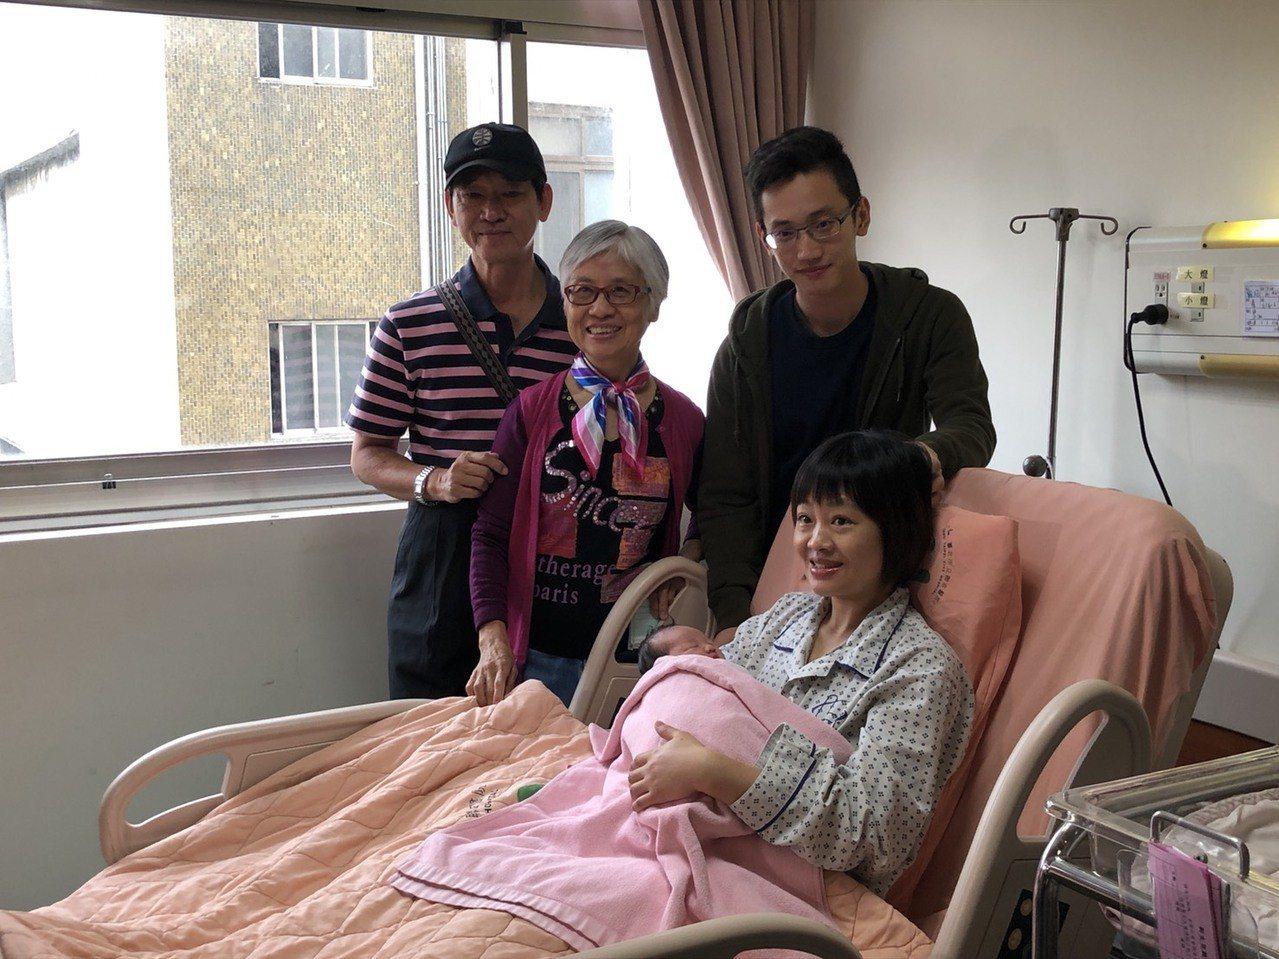 聯合醫院首位國慶寶寶於今凌晨0時1分出生,父母暫時喚她「妹妹」,外公、外婆也開心...